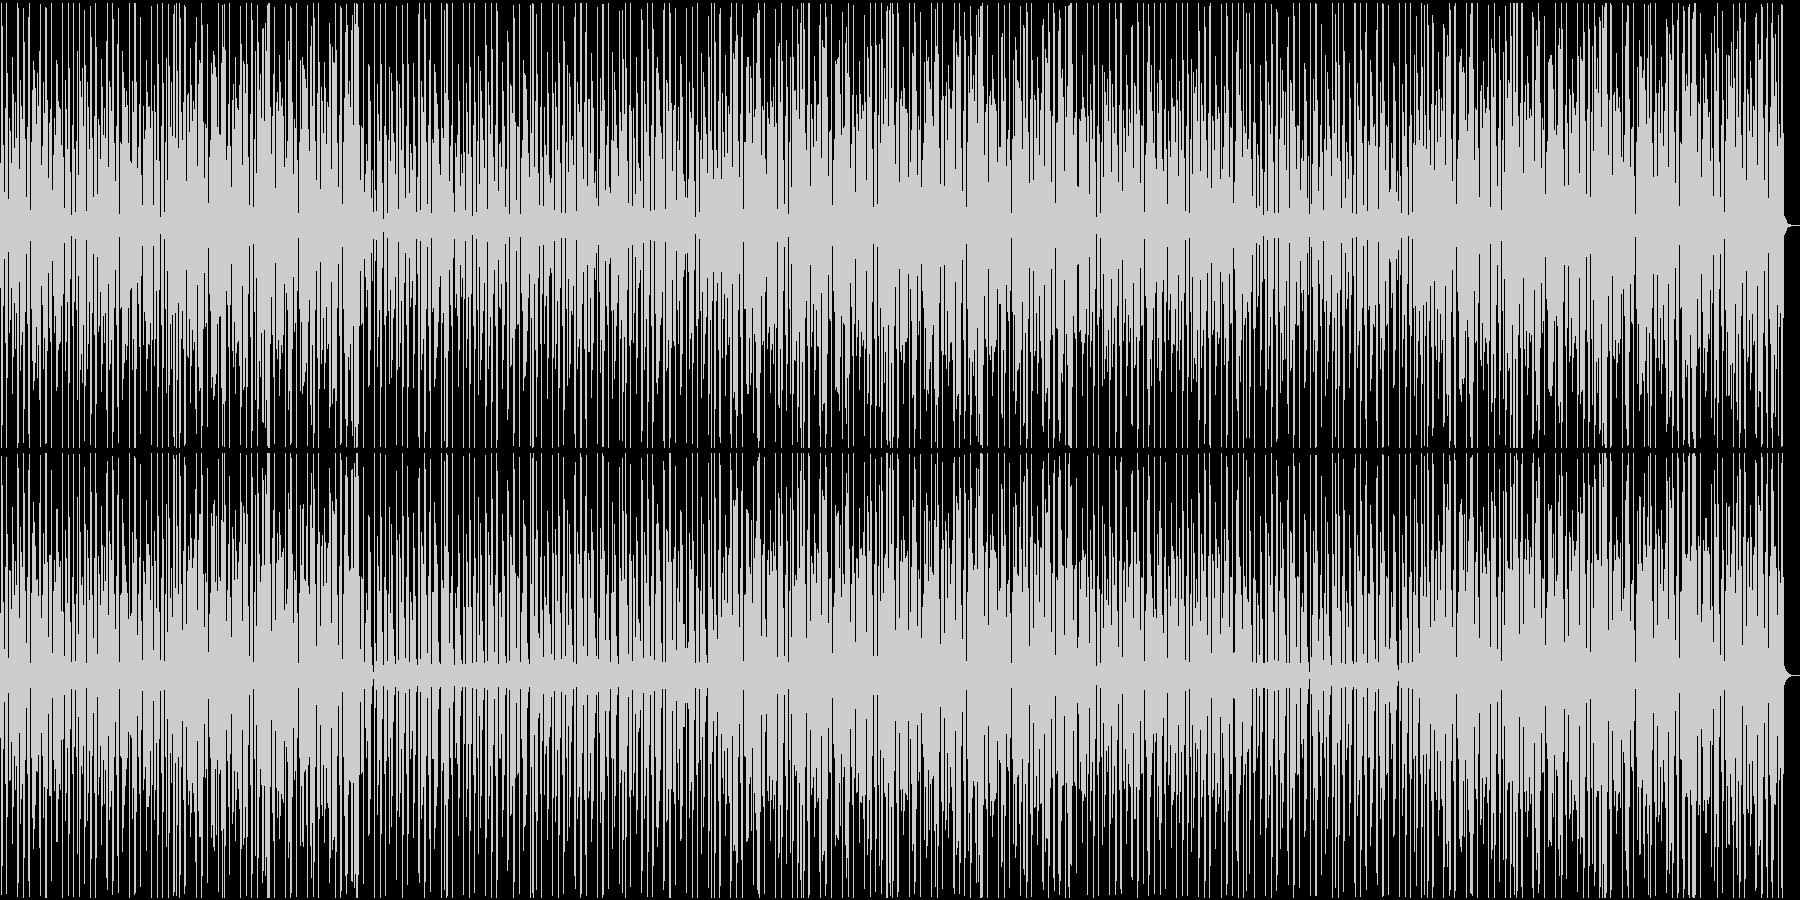 不気味な雰囲気のテクノの未再生の波形